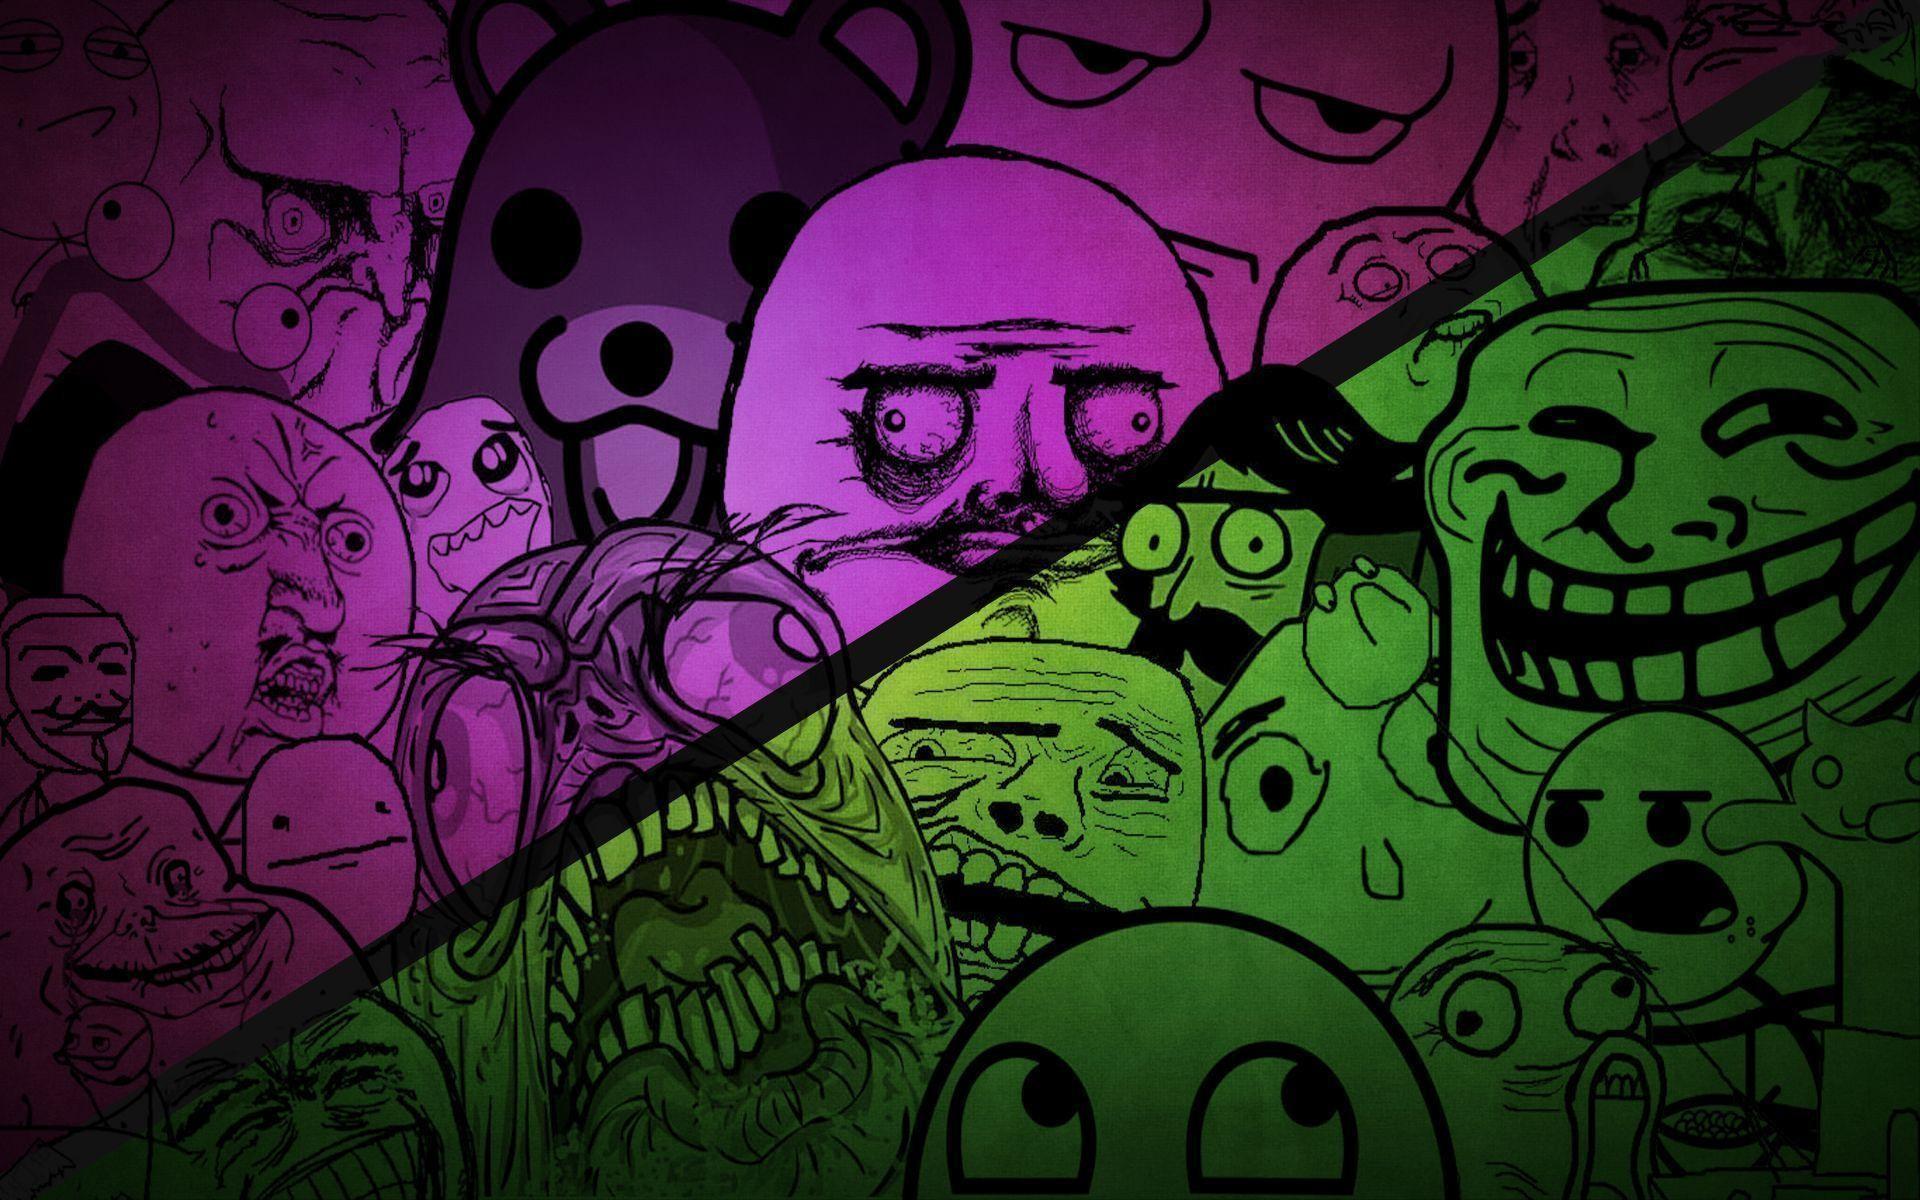 wallpaper.wiki-Meme-Background-HD-PIC-WPE006328